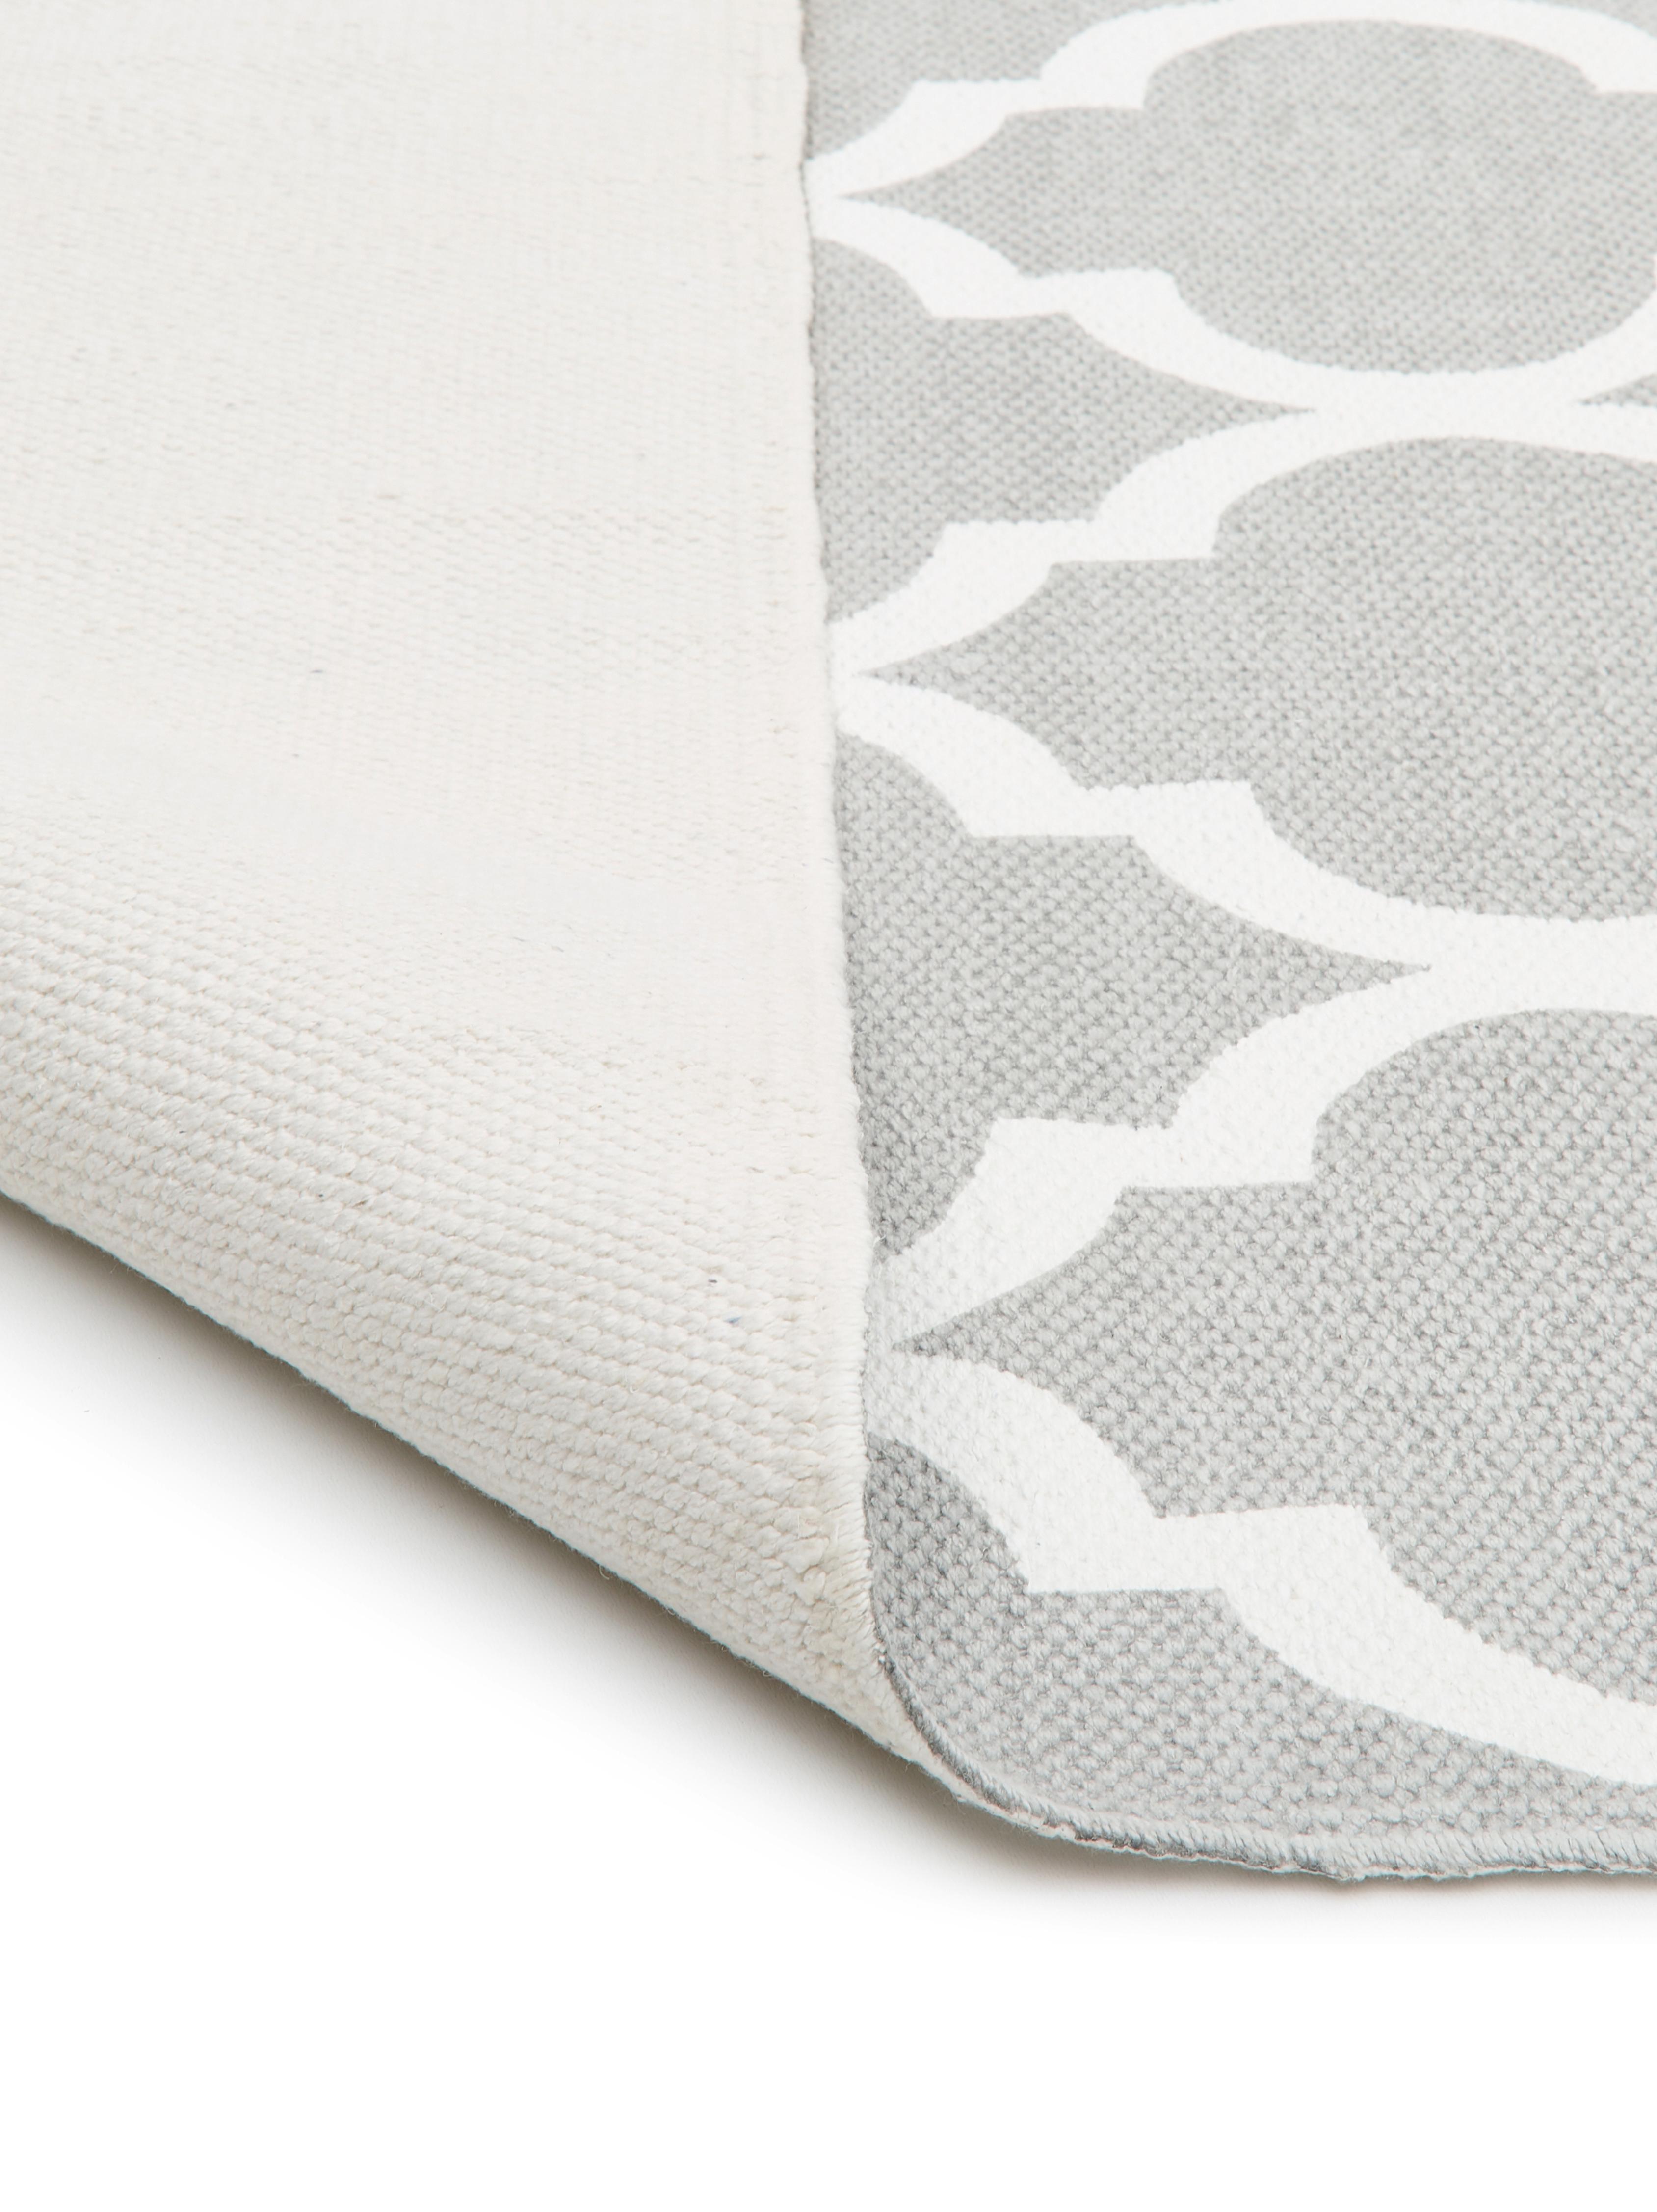 Dywan z bawełny Amira, 100% bawełna, Jasny szary, kremowobiały, S 70 x D 140 cm (Rozmiar XS)